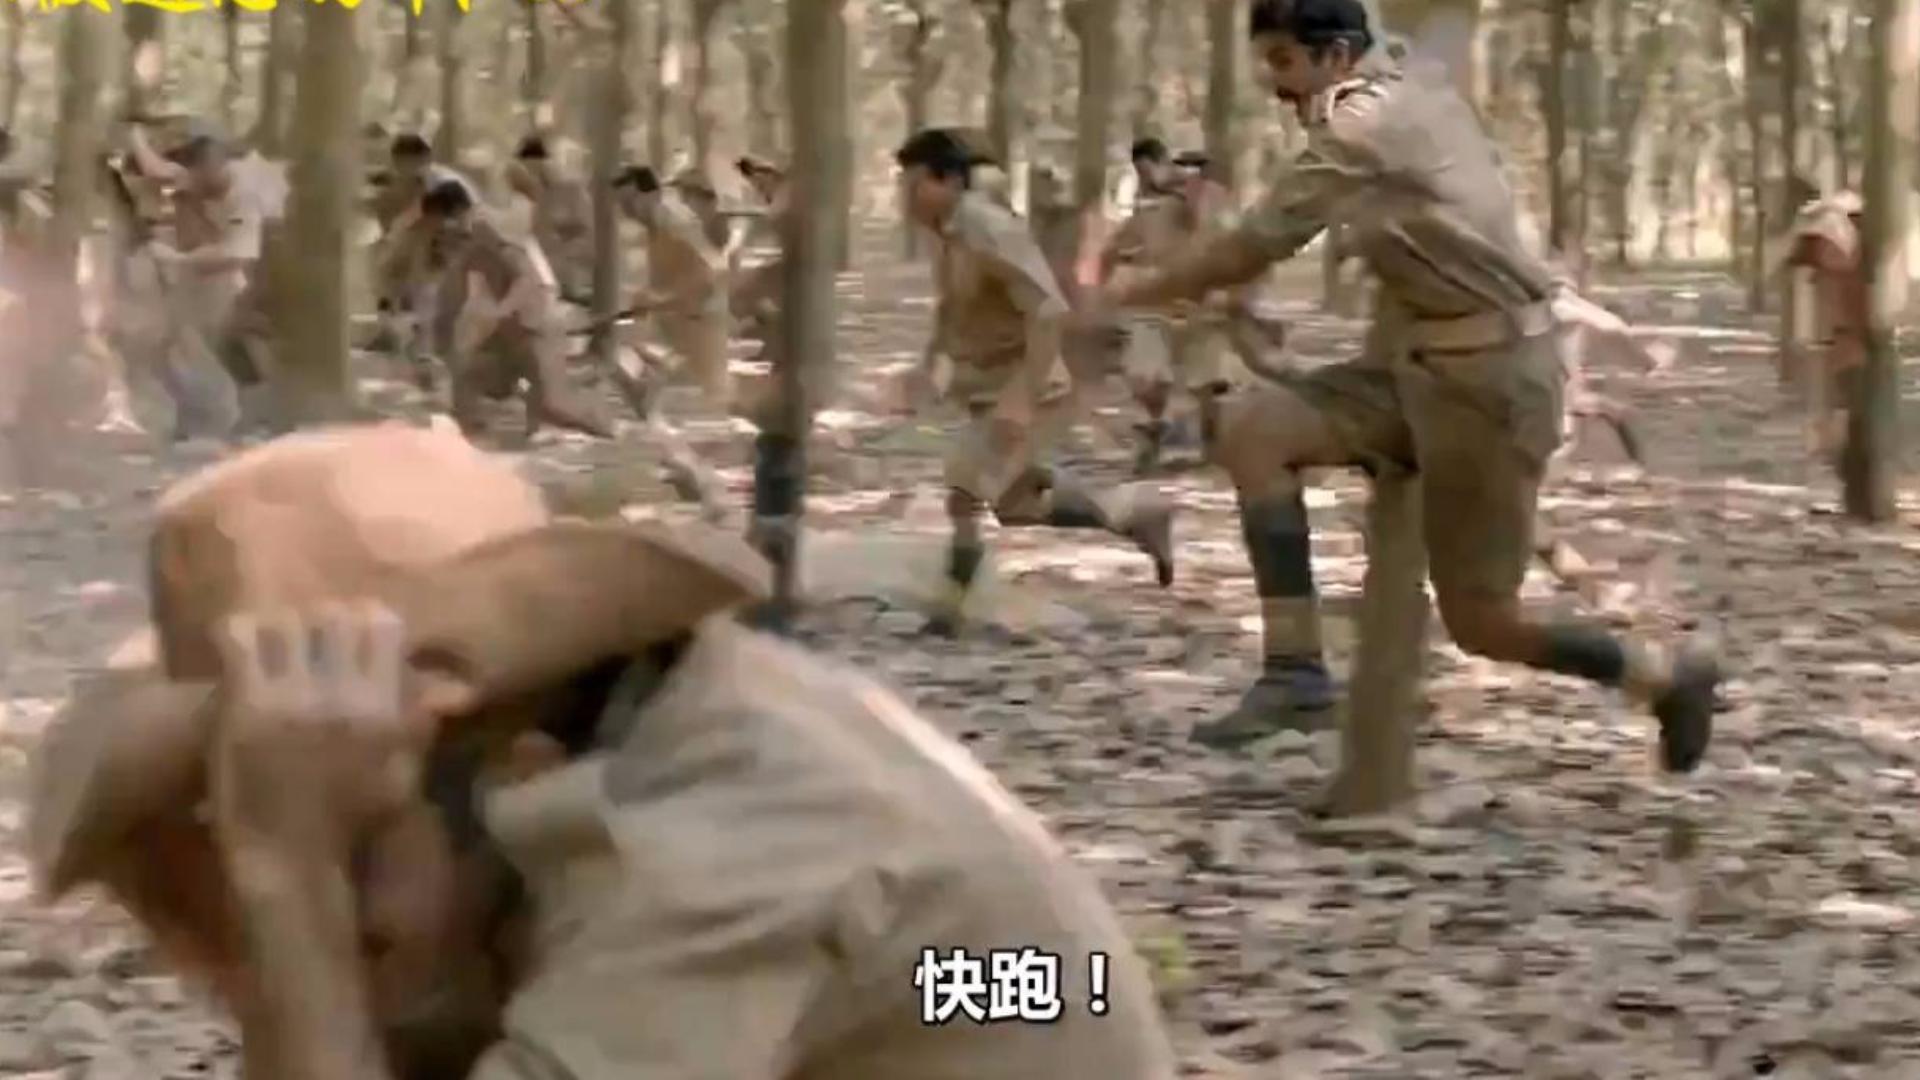 【战争影视合集】纸糊的阿三军营,几个人能打穿,几百人被撵着跑~